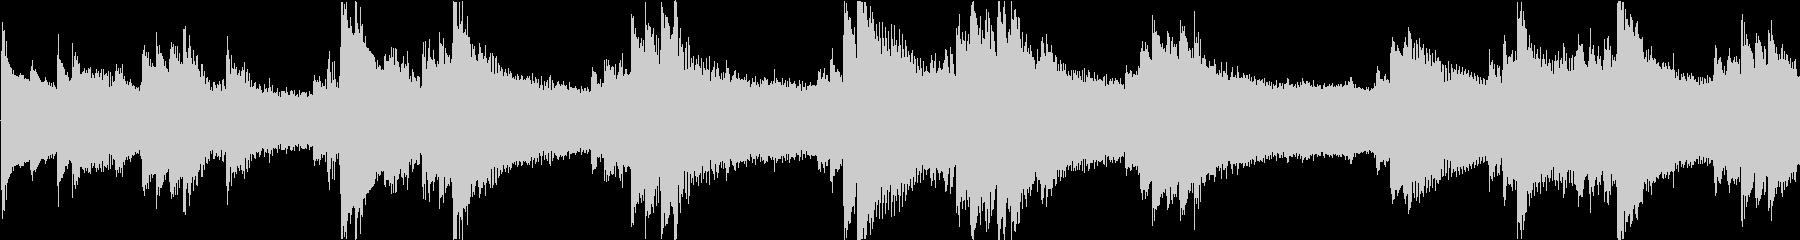 ミステリアスで不穏なピアノアンビエントの未再生の波形